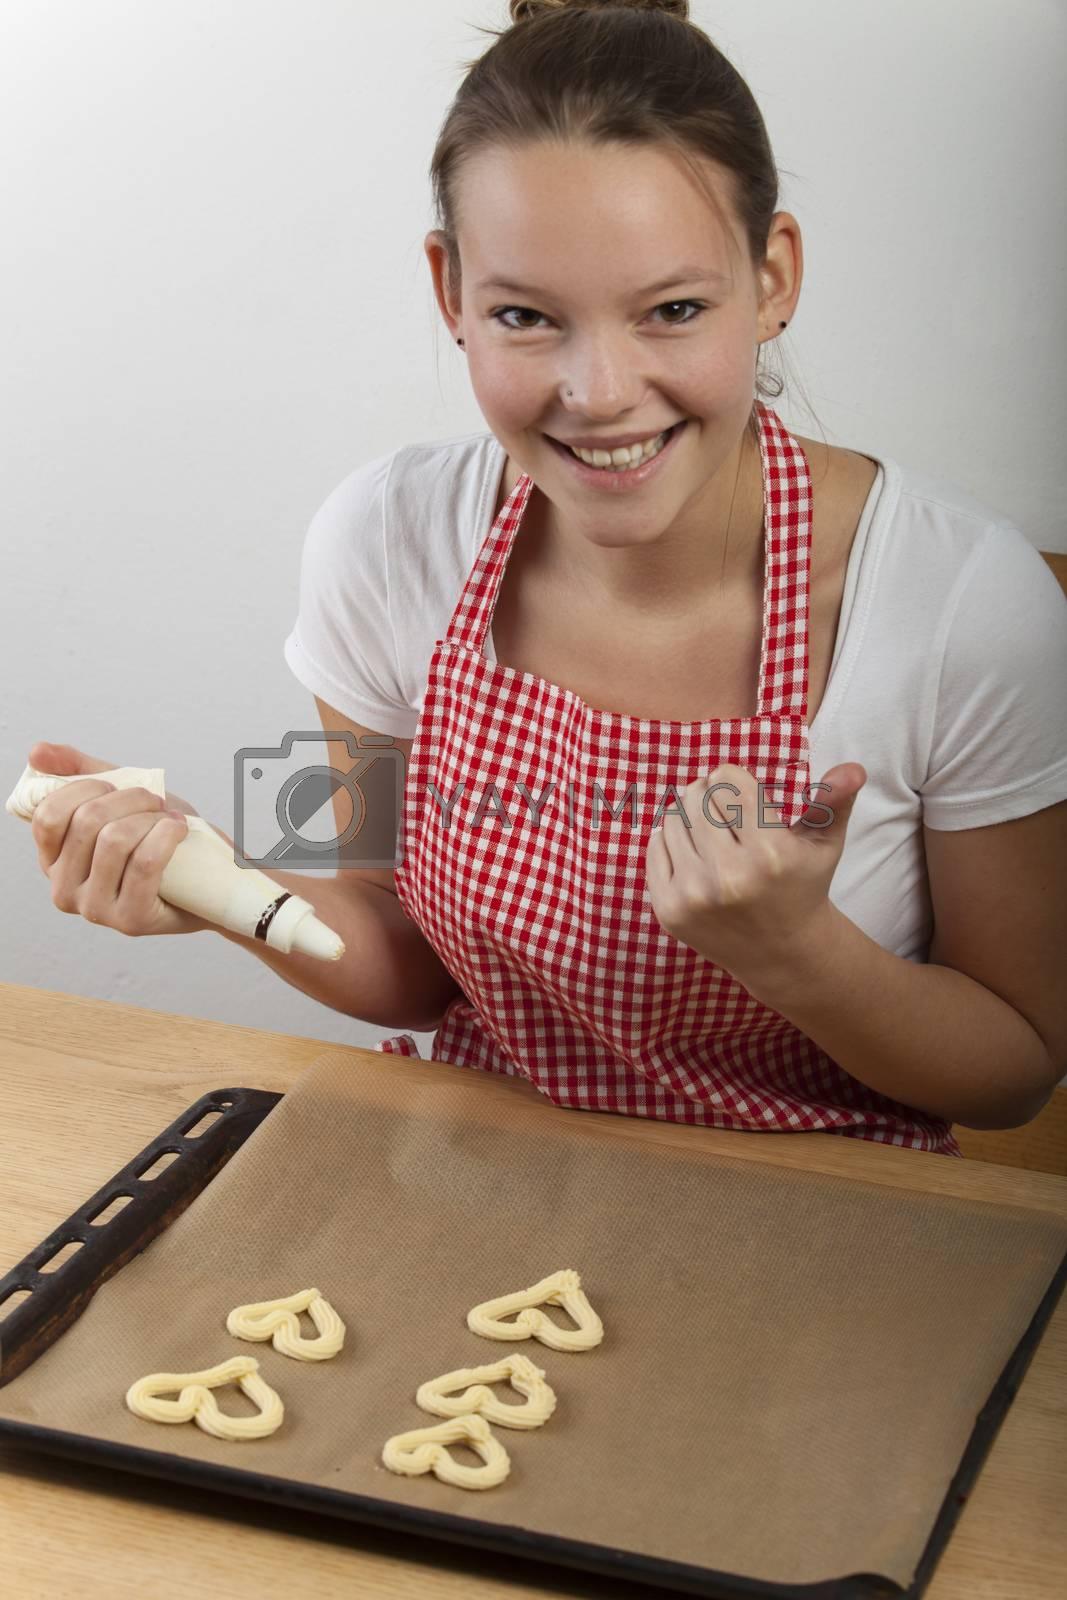 woman baking cookies  by bernjuer